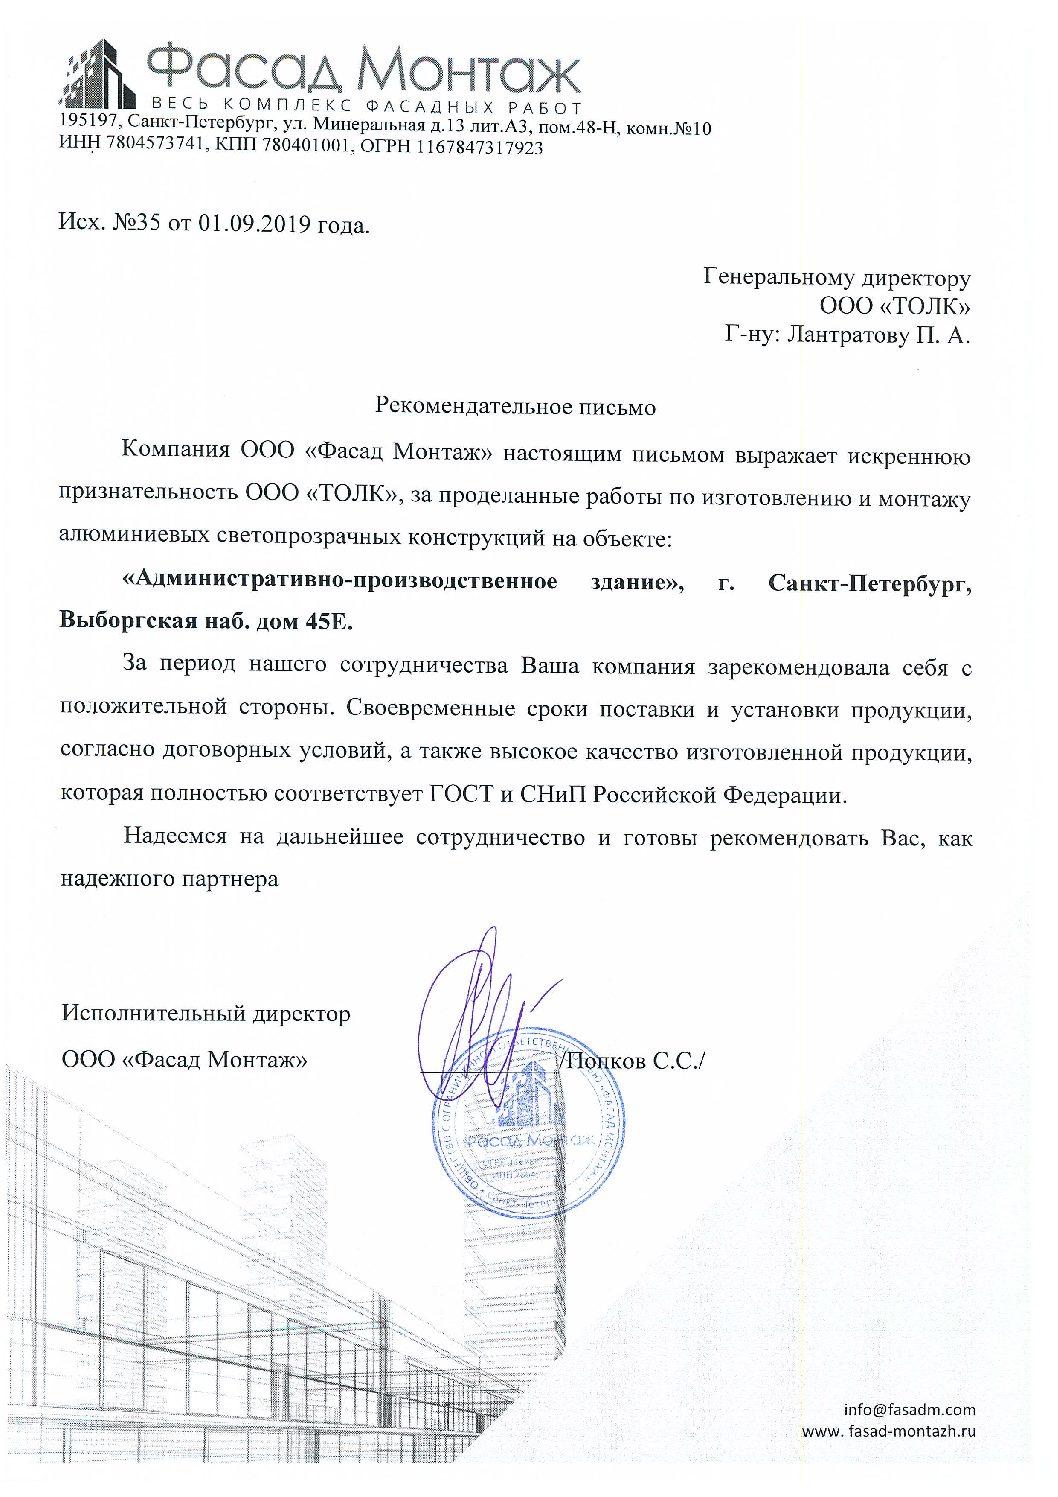 Фасад Монтаж_Выборгская наб 45